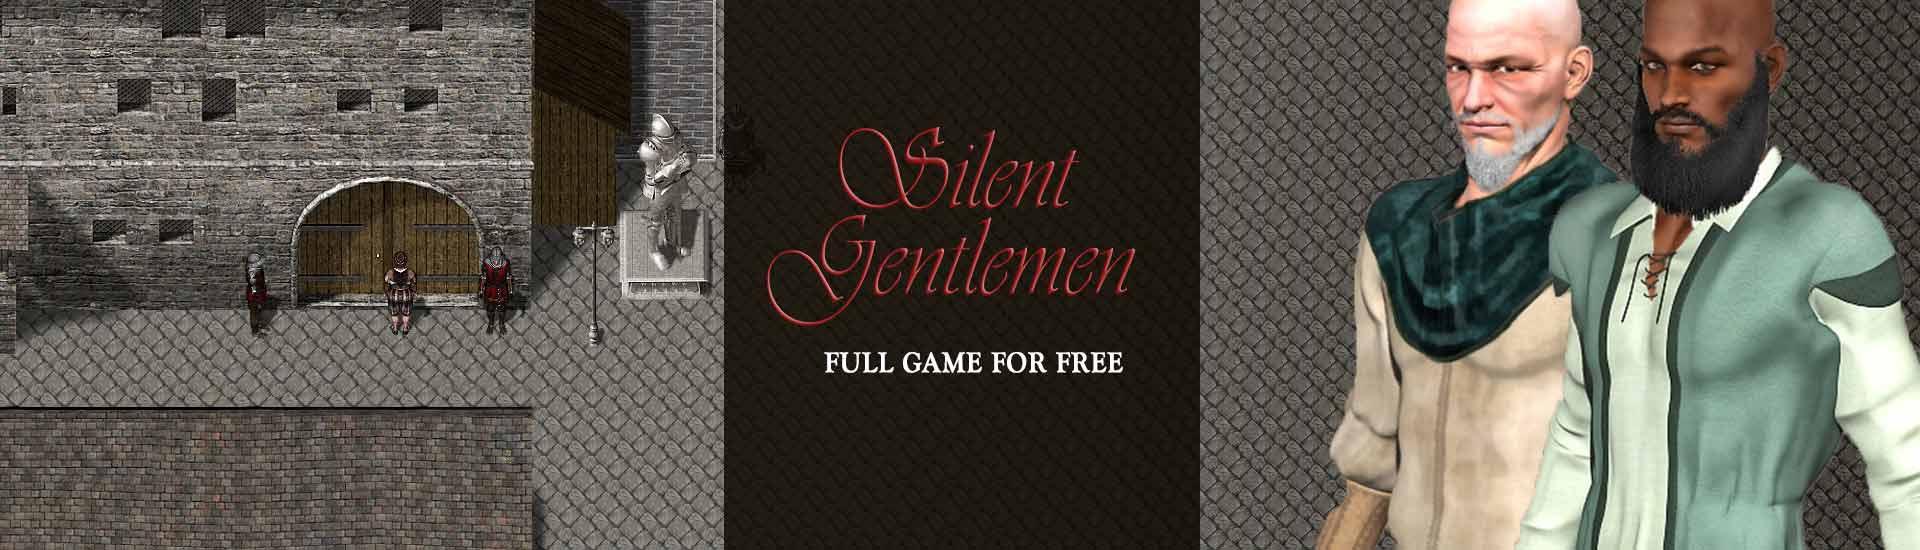 Silent Gentlemen cover